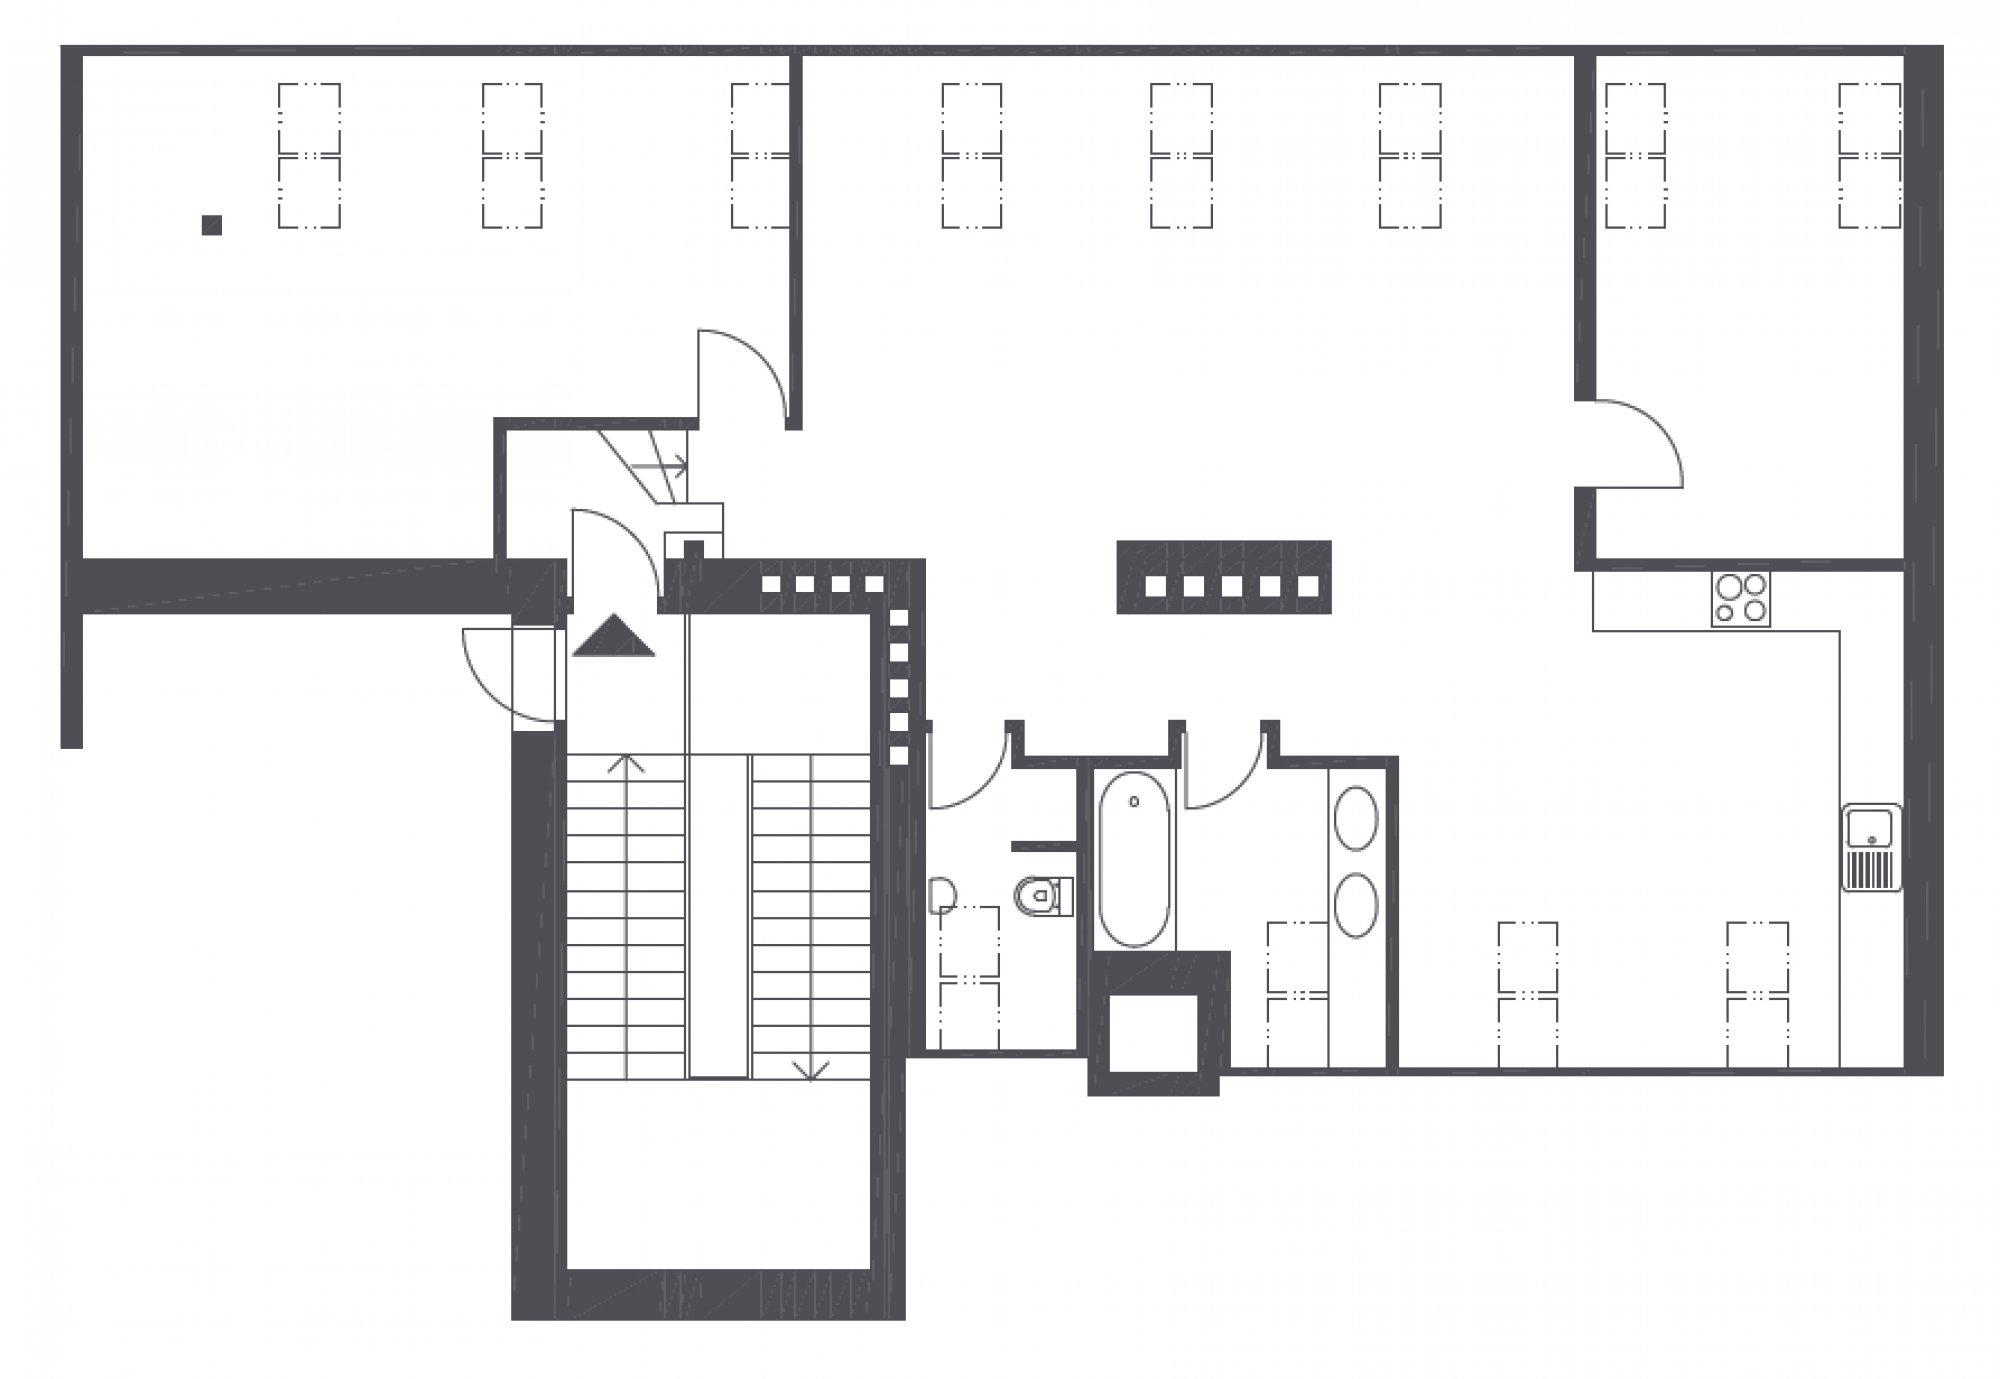 Půdorys - Půdní byt 3+kk, plocha 112 m², ulice Mikulandská, Praha 1 - Nové Město